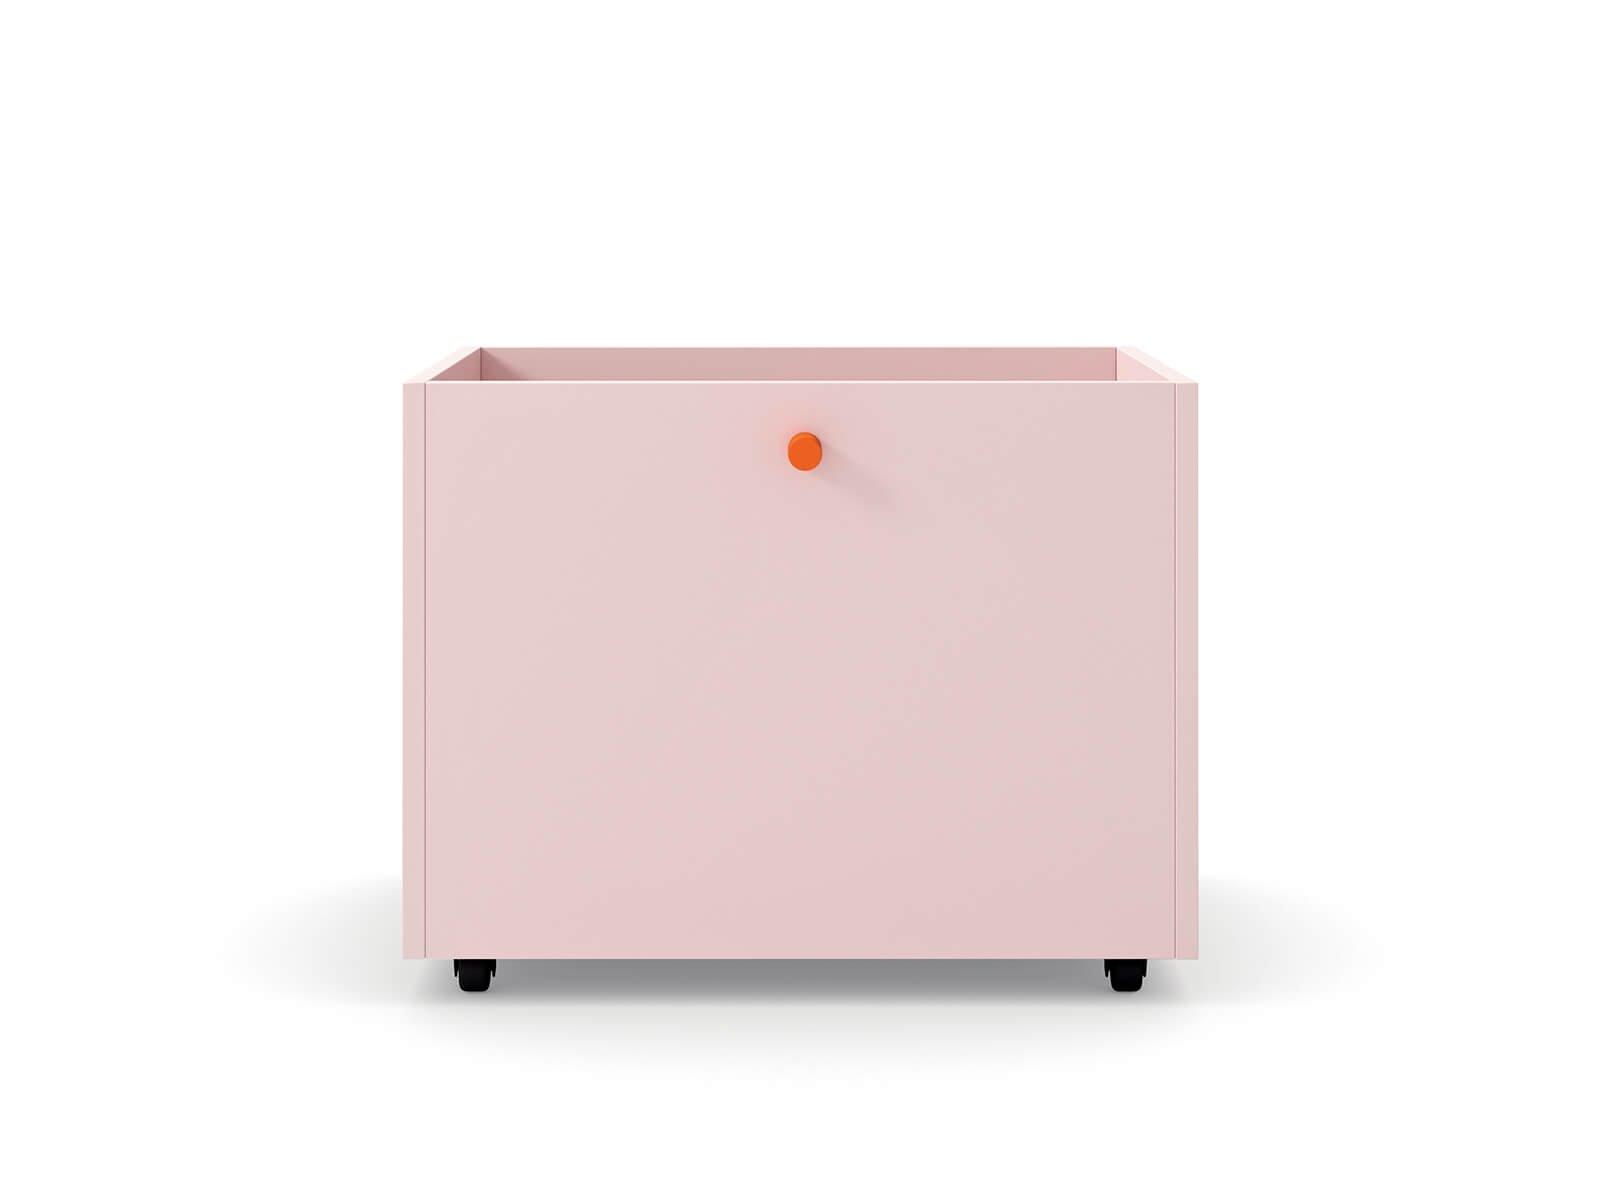 Tynn storage box on wheels